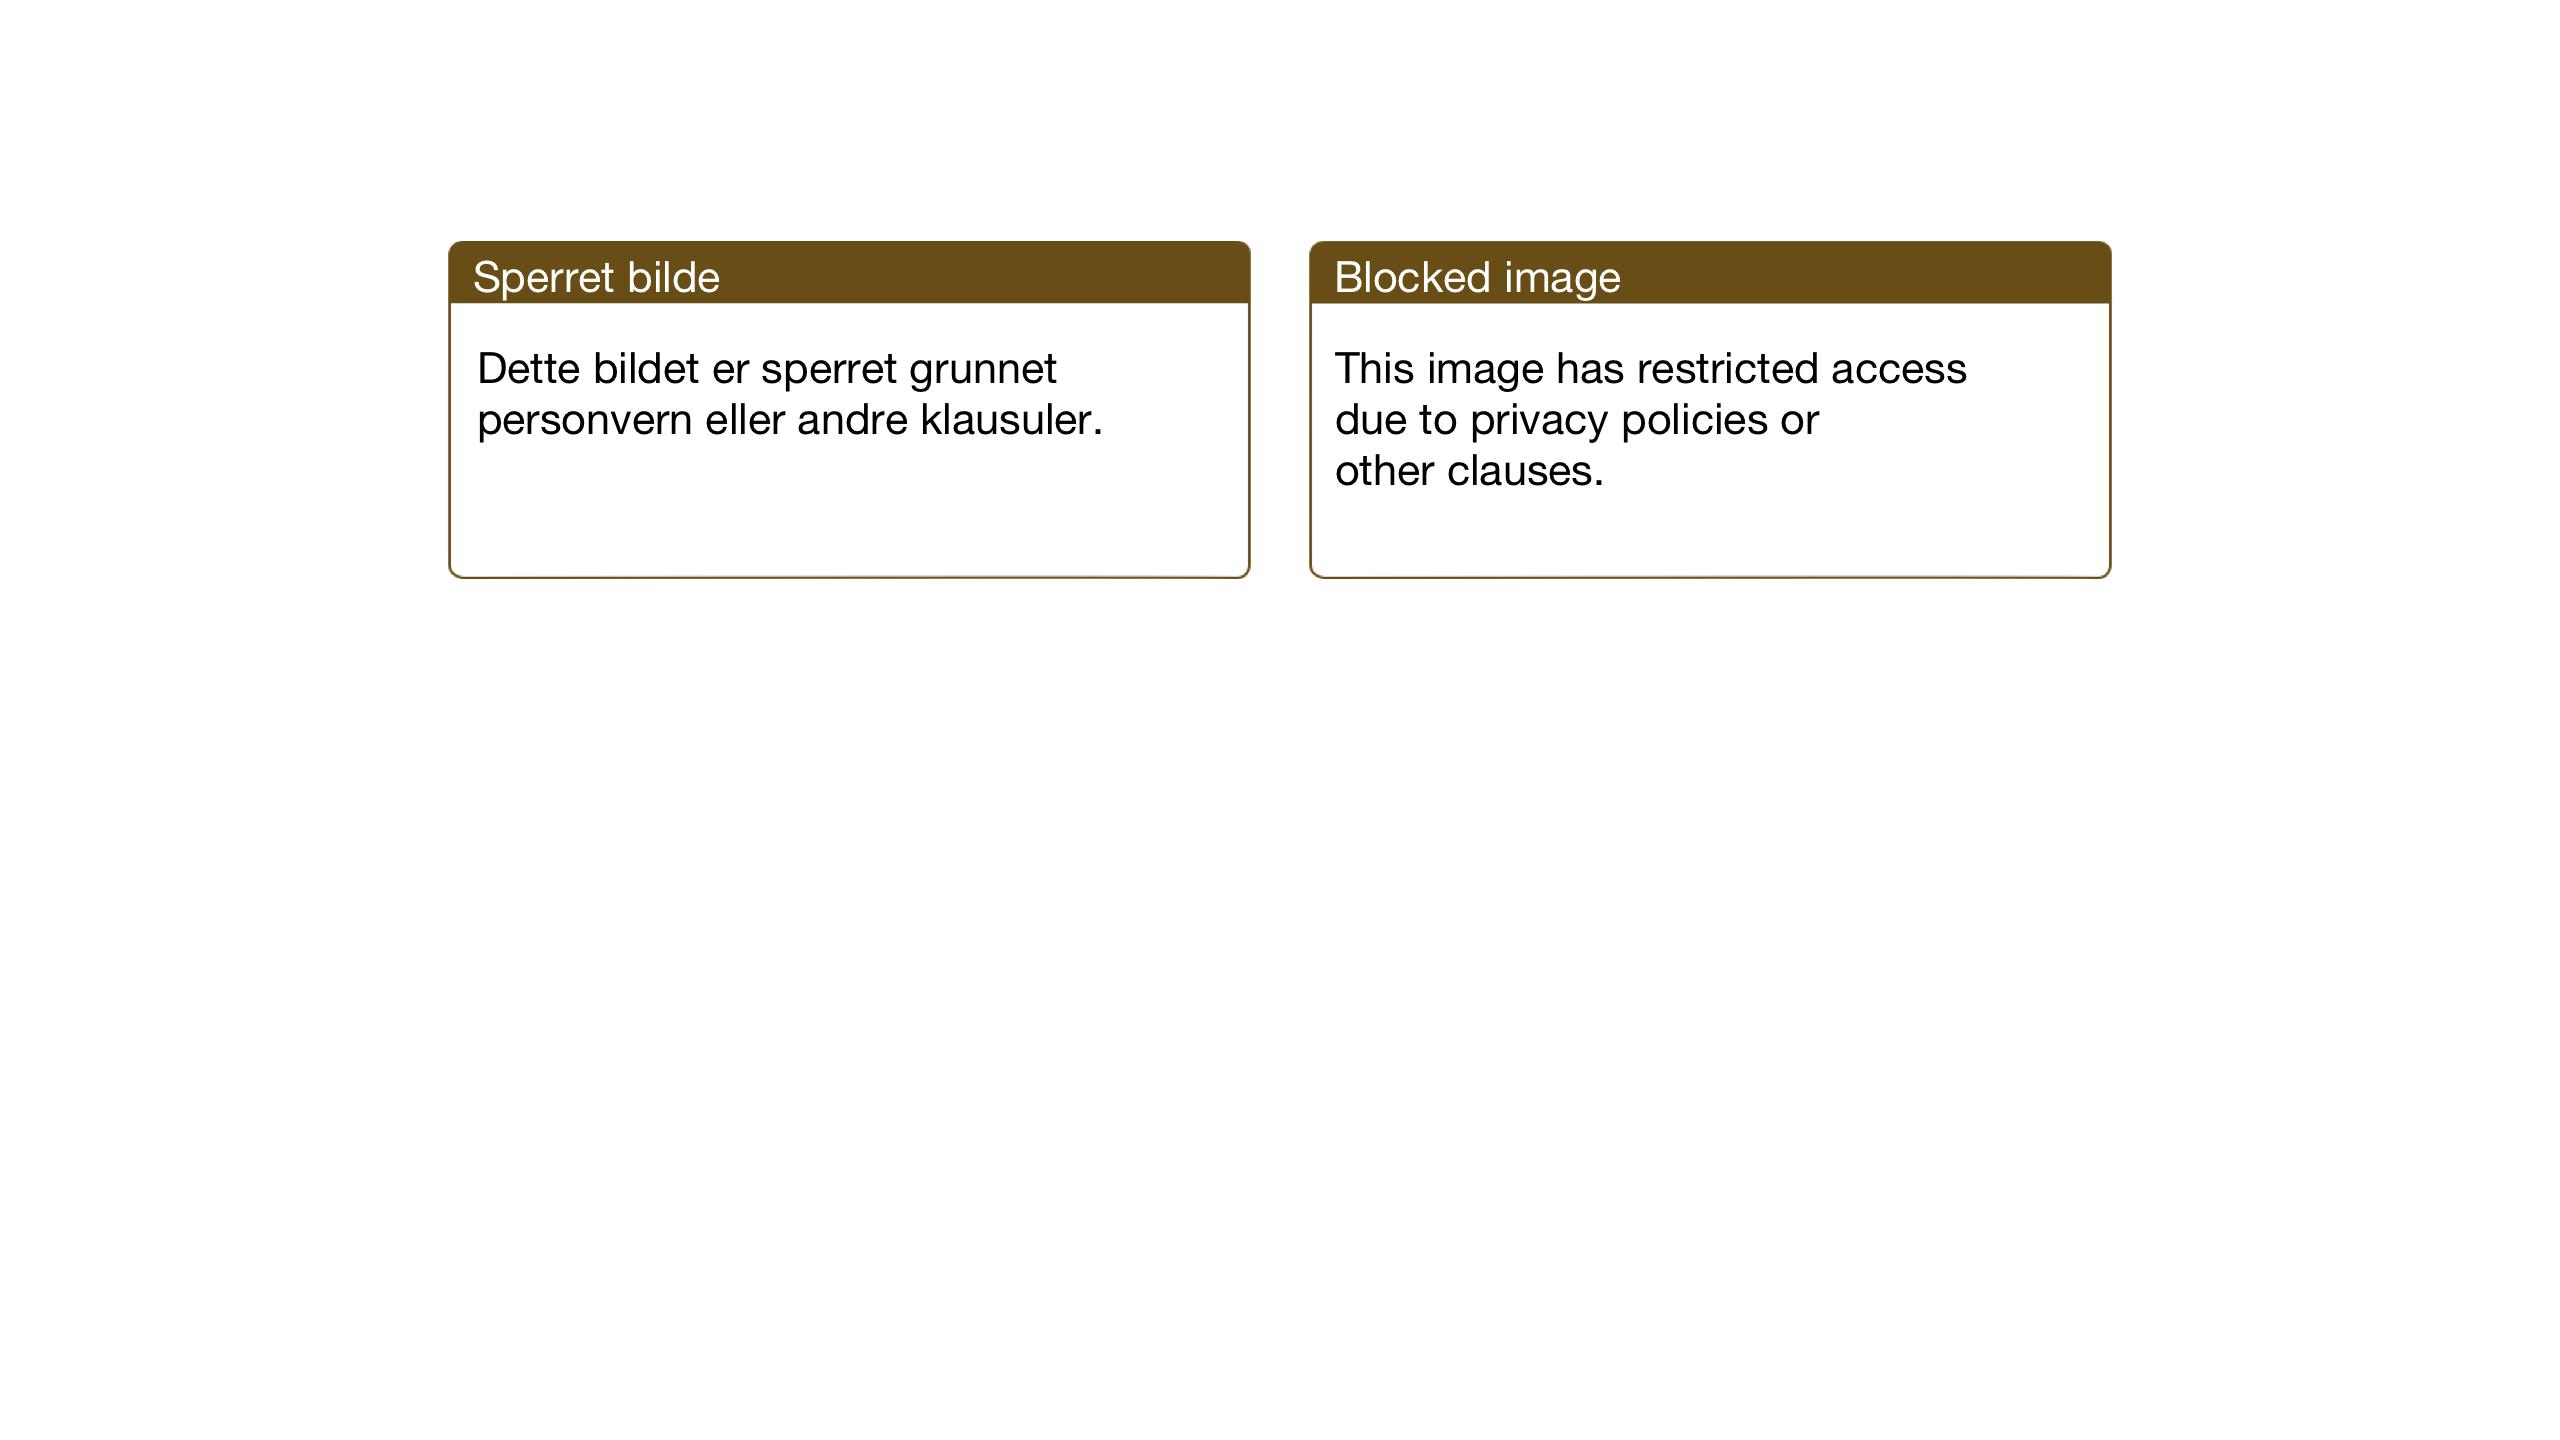 SAT, Ministerialprotokoller, klokkerbøker og fødselsregistre - Sør-Trøndelag, 653/L0658: Klokkerbok nr. 653C02, 1919-1947, s. 54